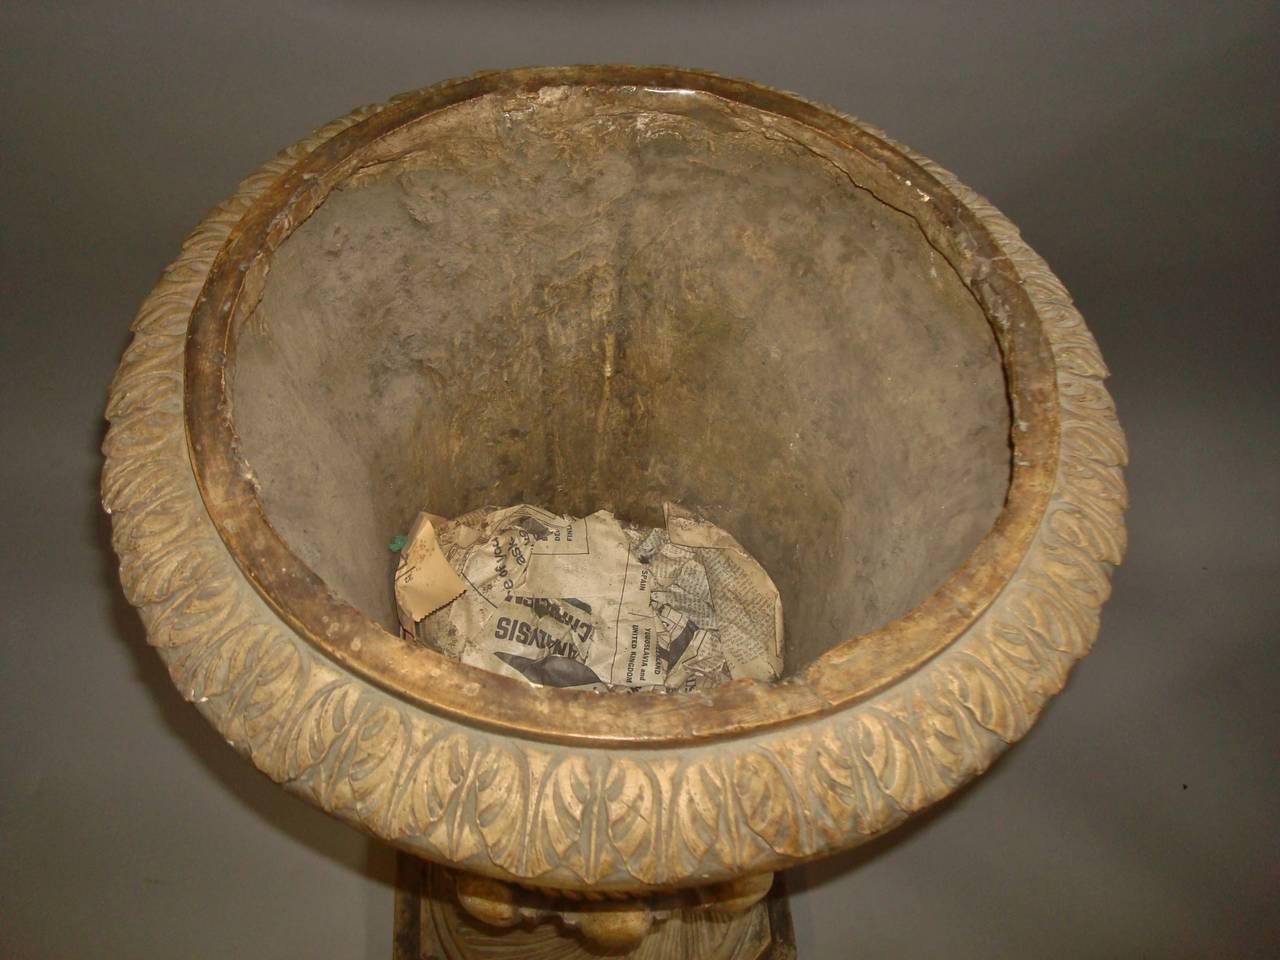 Regency Pair of Neoclassical Plaster Urns 9